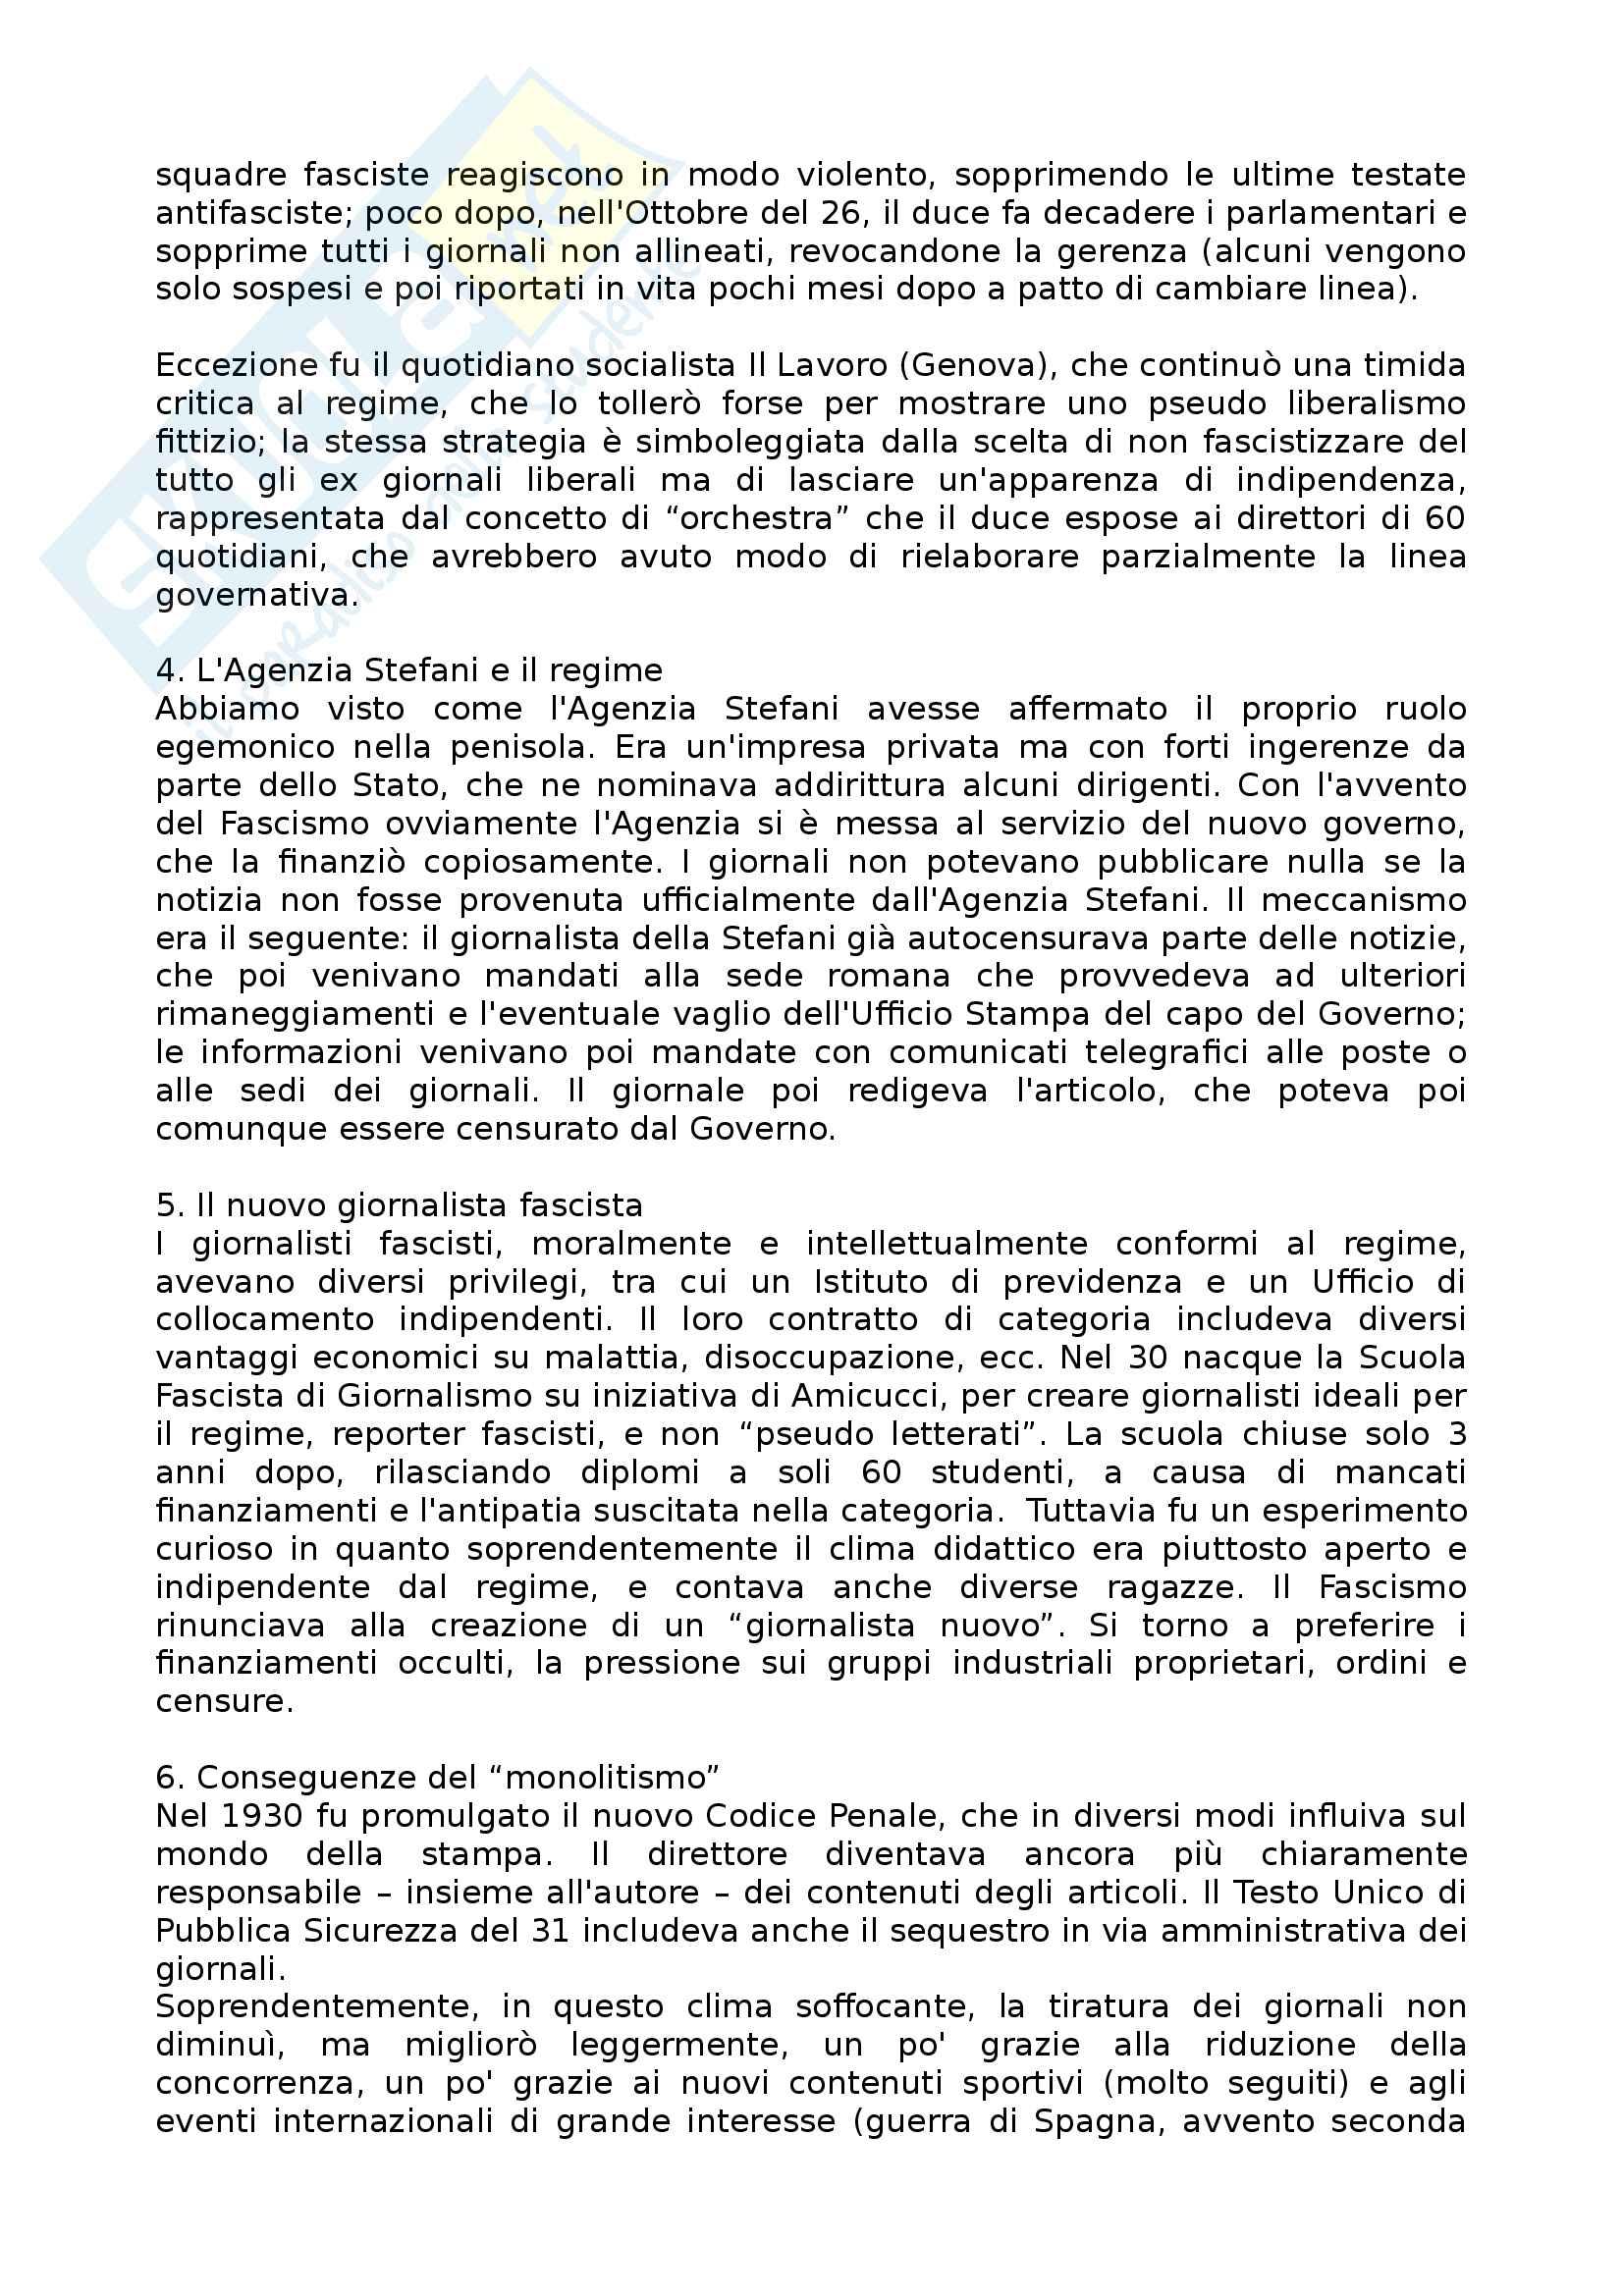 Riassunto esame Storia Del Giornalismo, Docente Benadusi, testo consigliato Informazione e potere, Mauro Forno Pag. 11